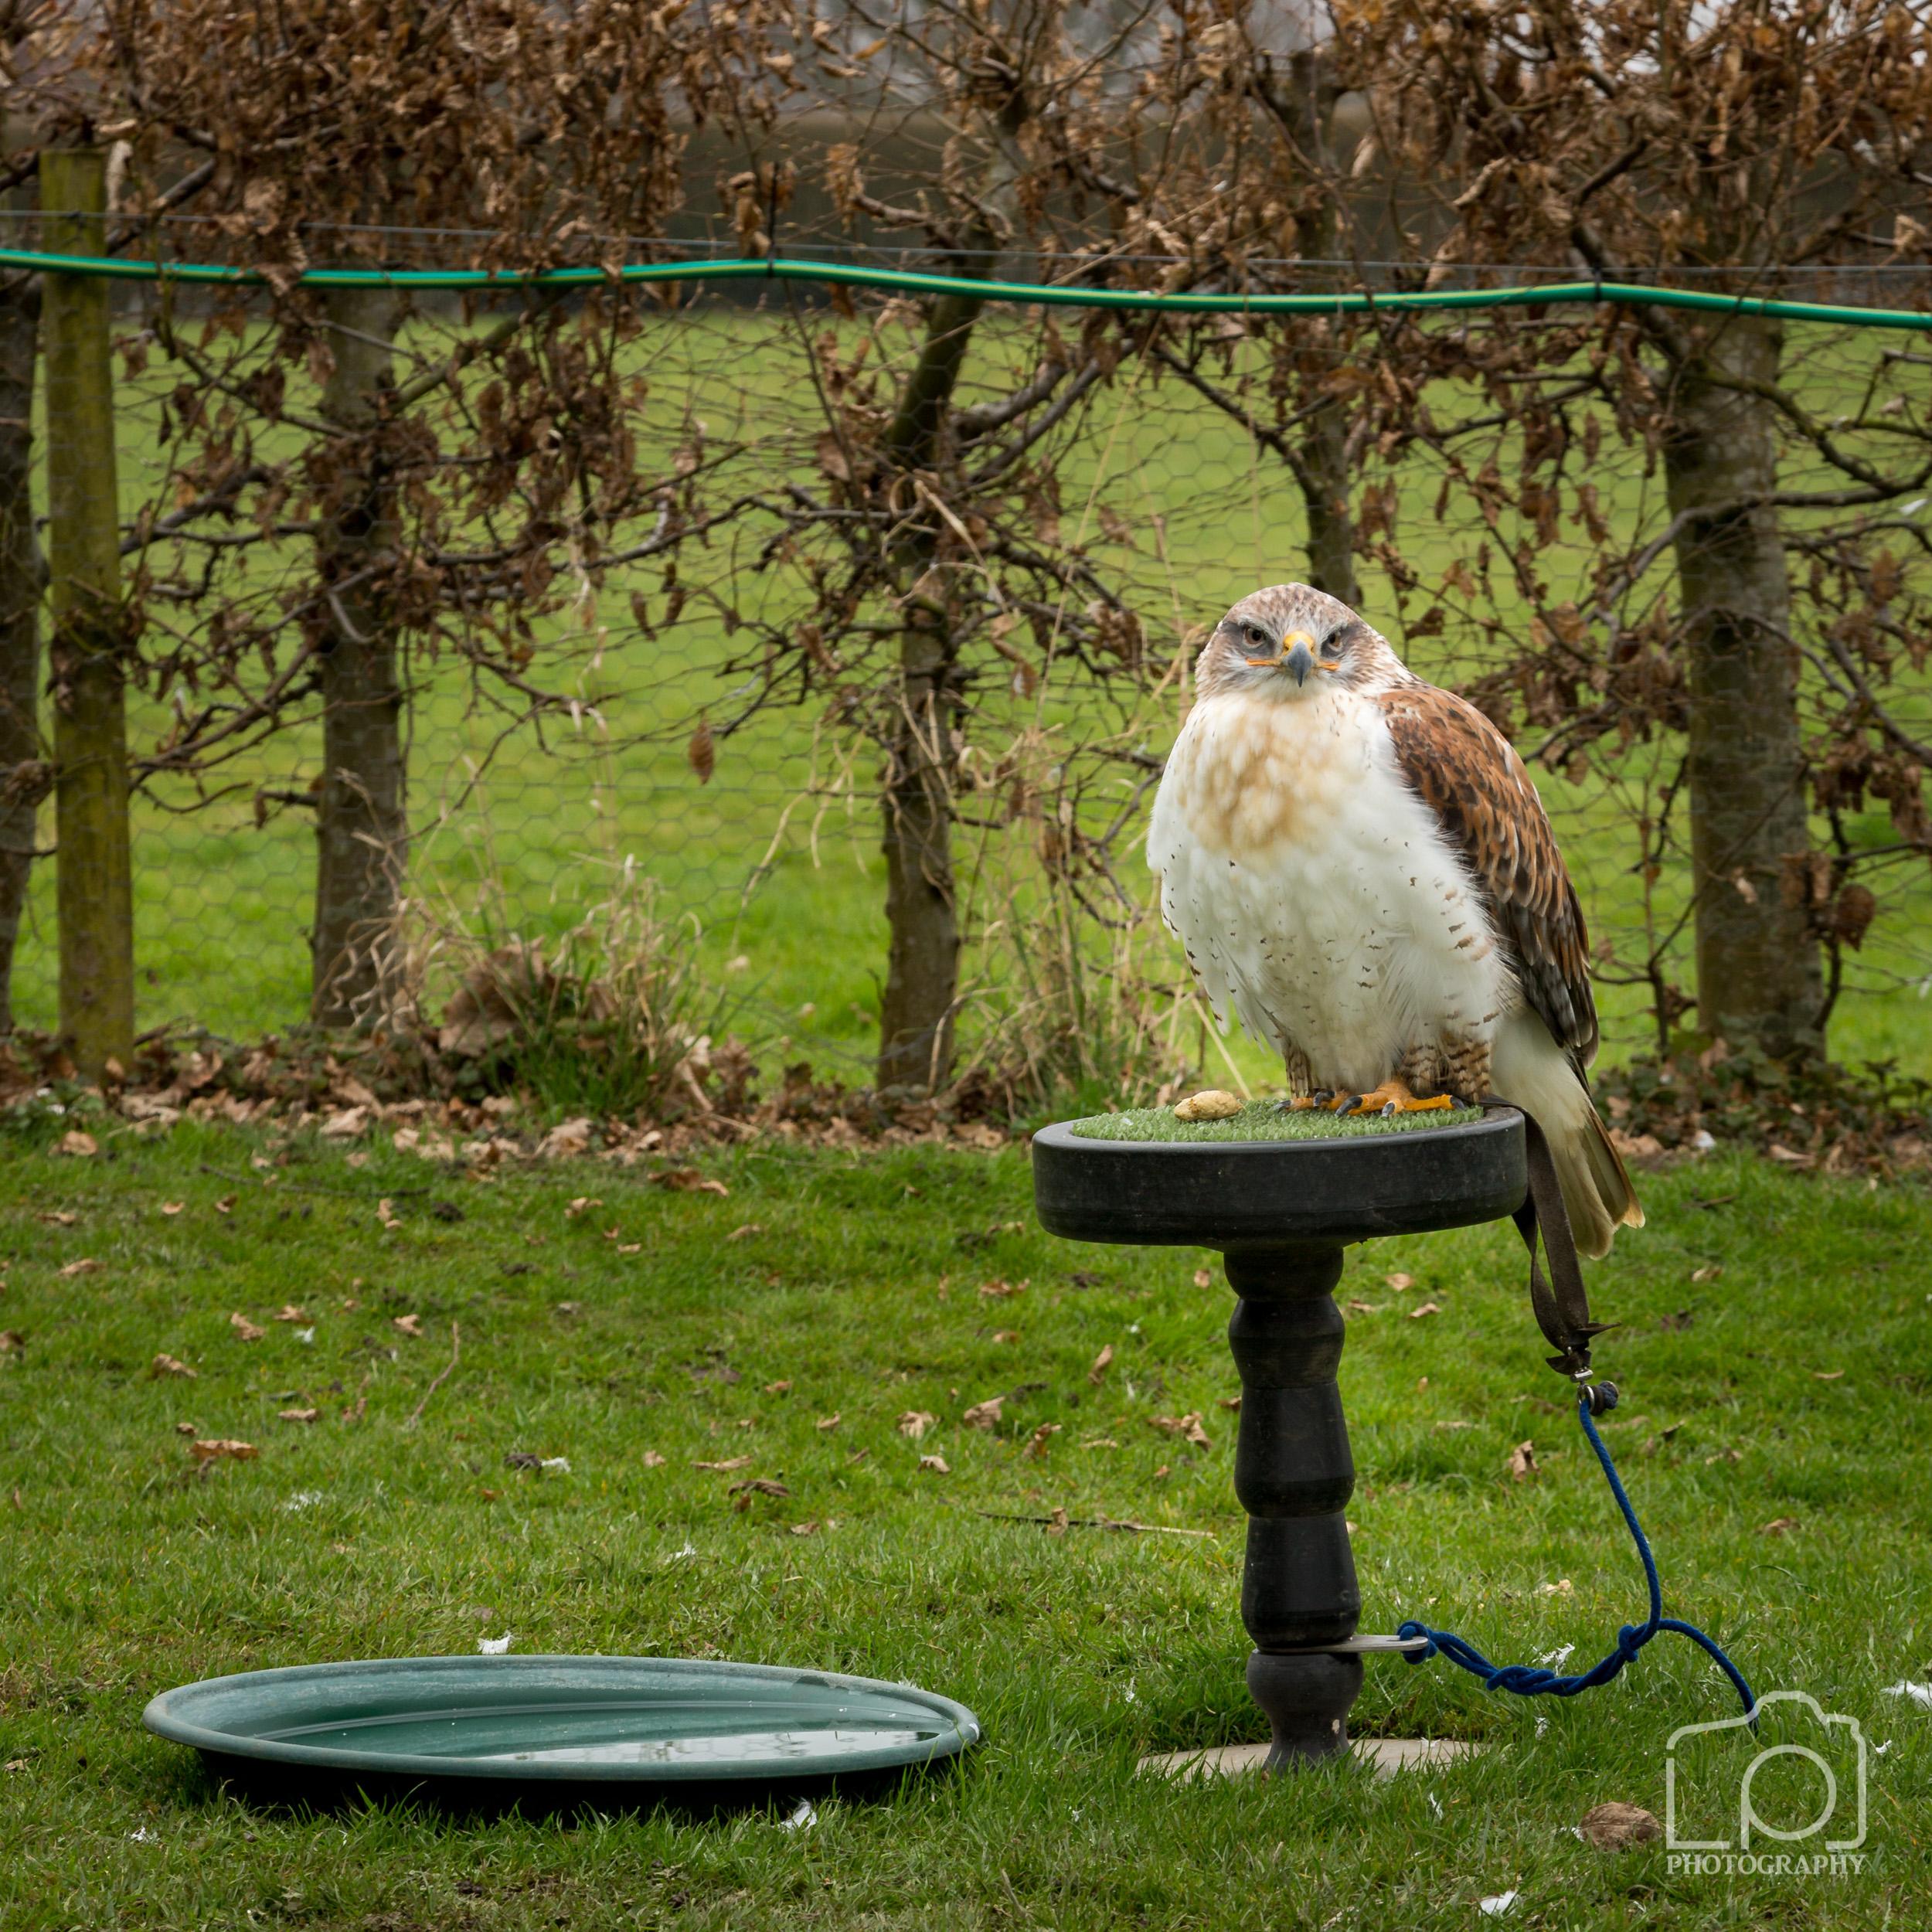 Bird of Prey - 1283